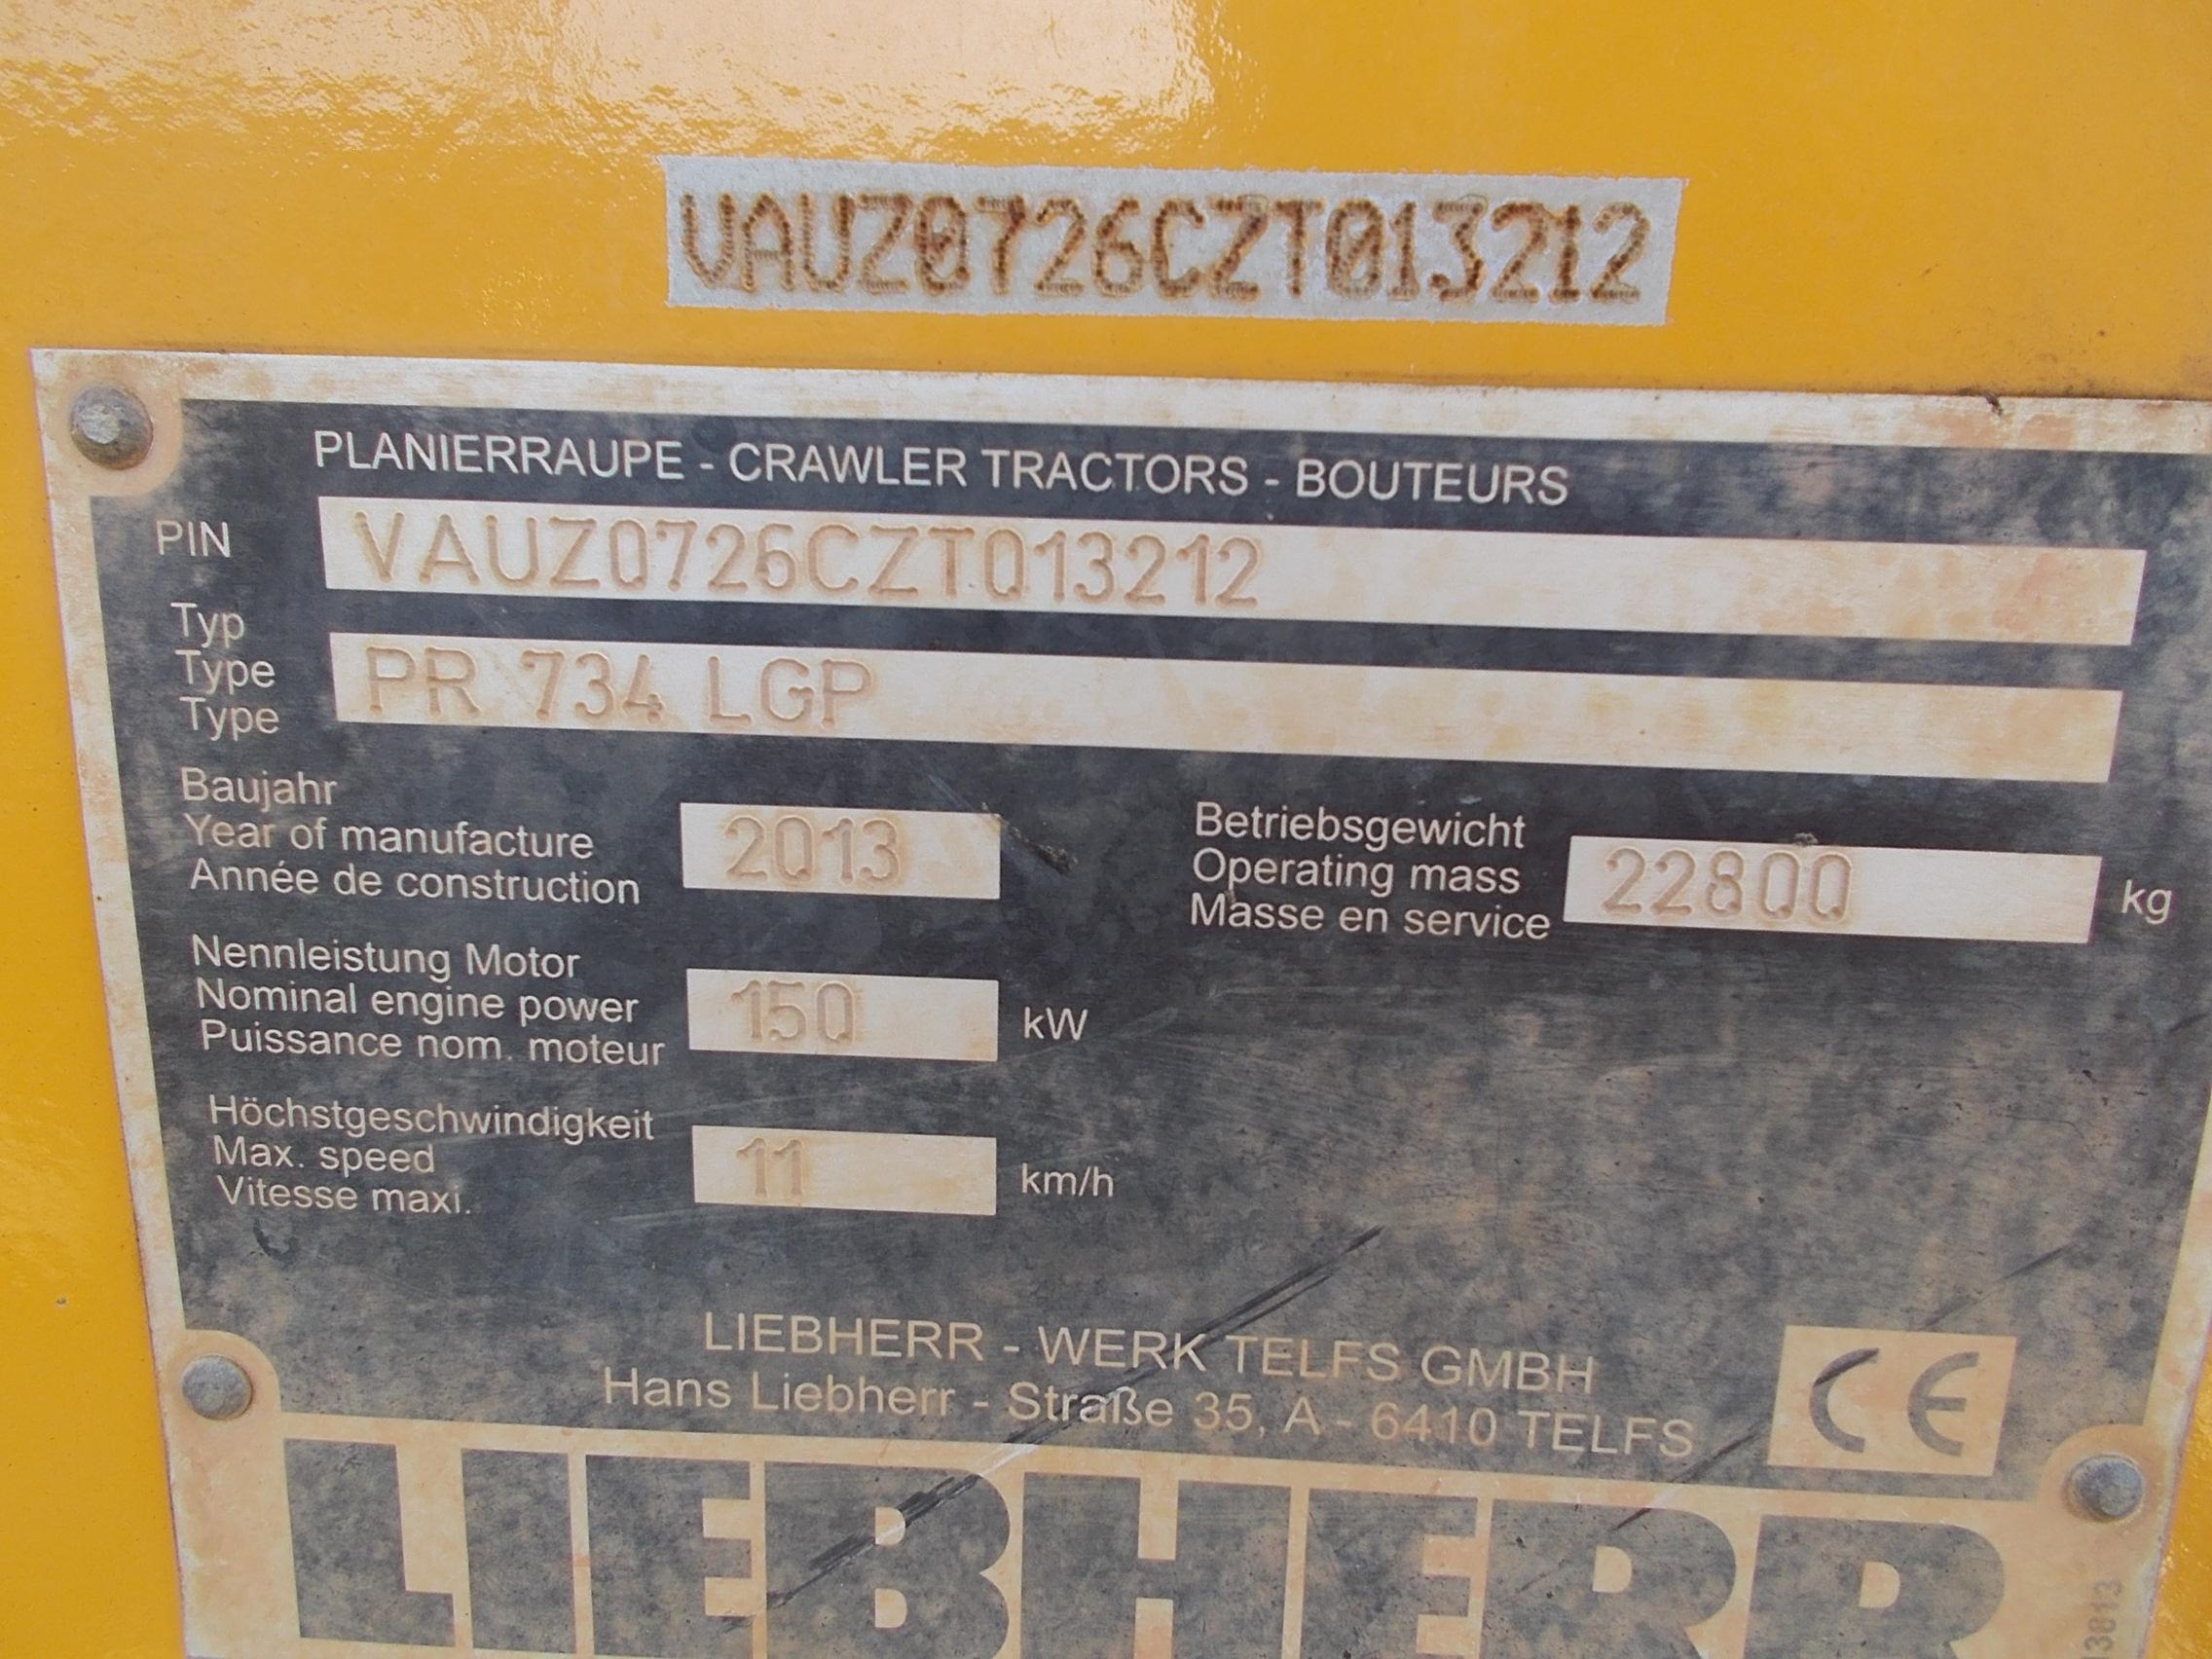 PR734 LGP LI-726-13212_011.JPG